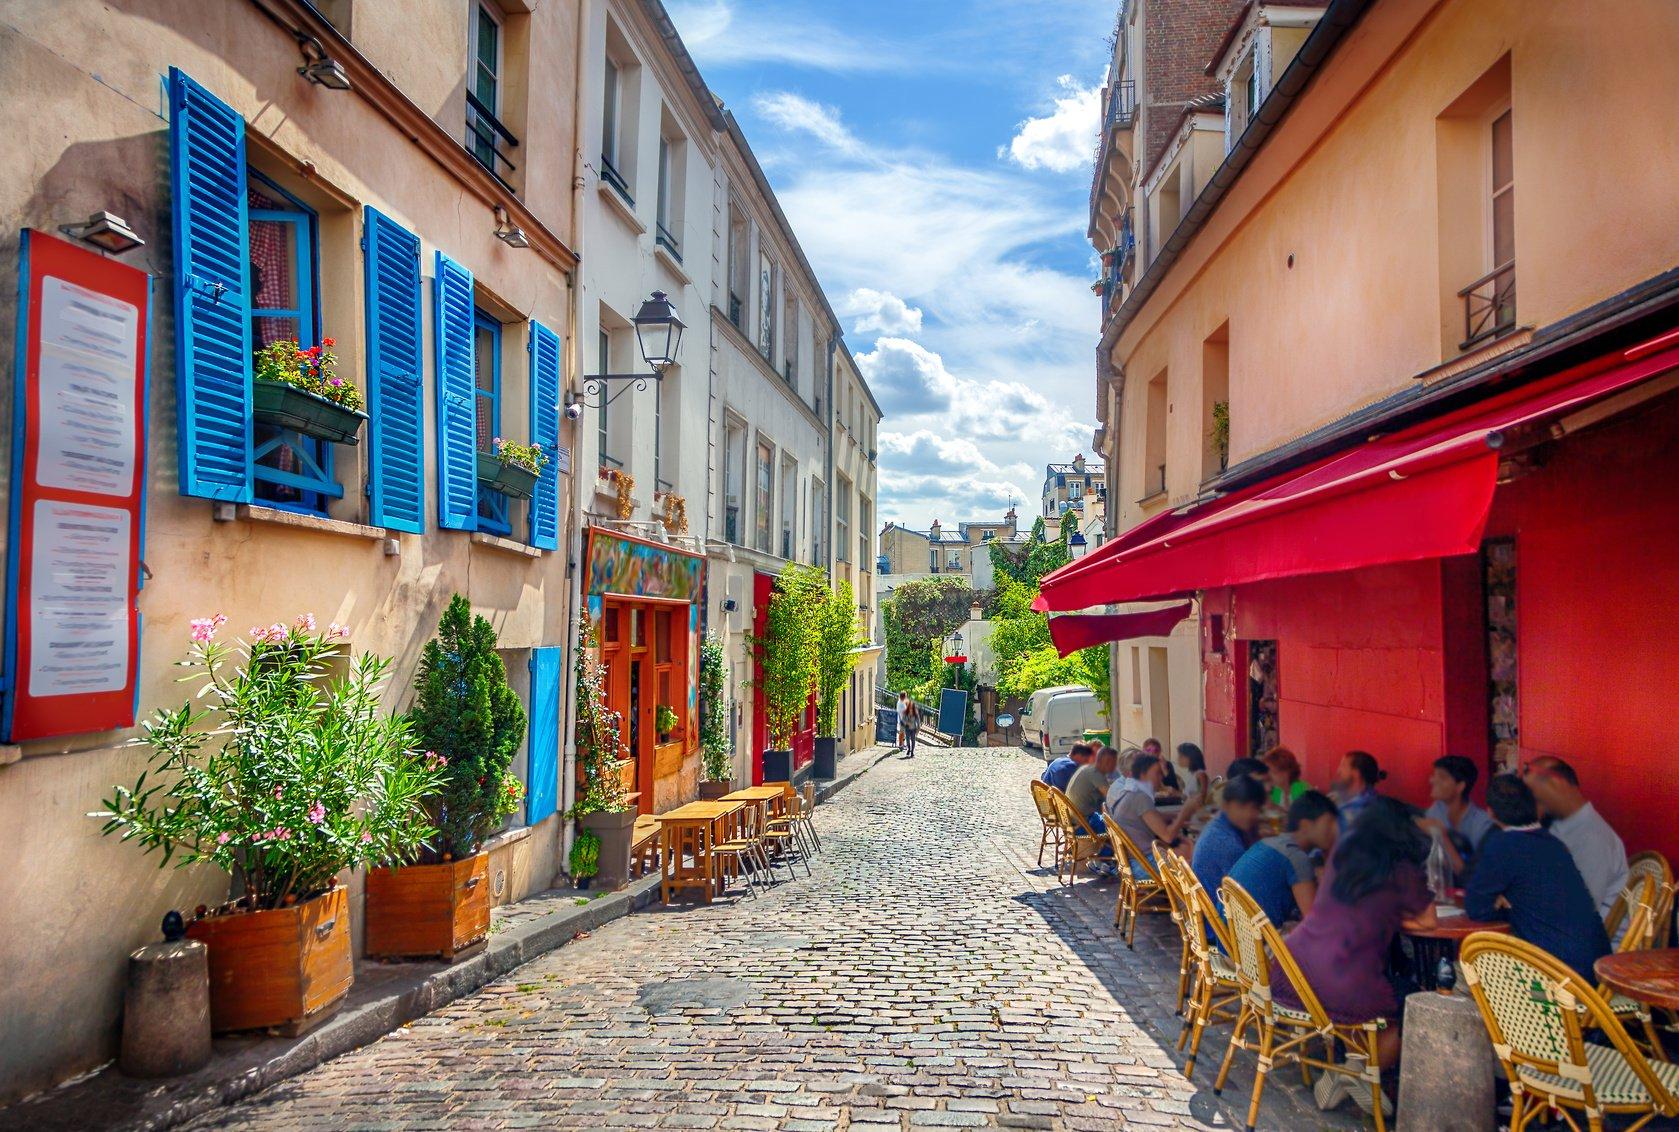 Montmartre 7 Sensational Summer Walks in Paris